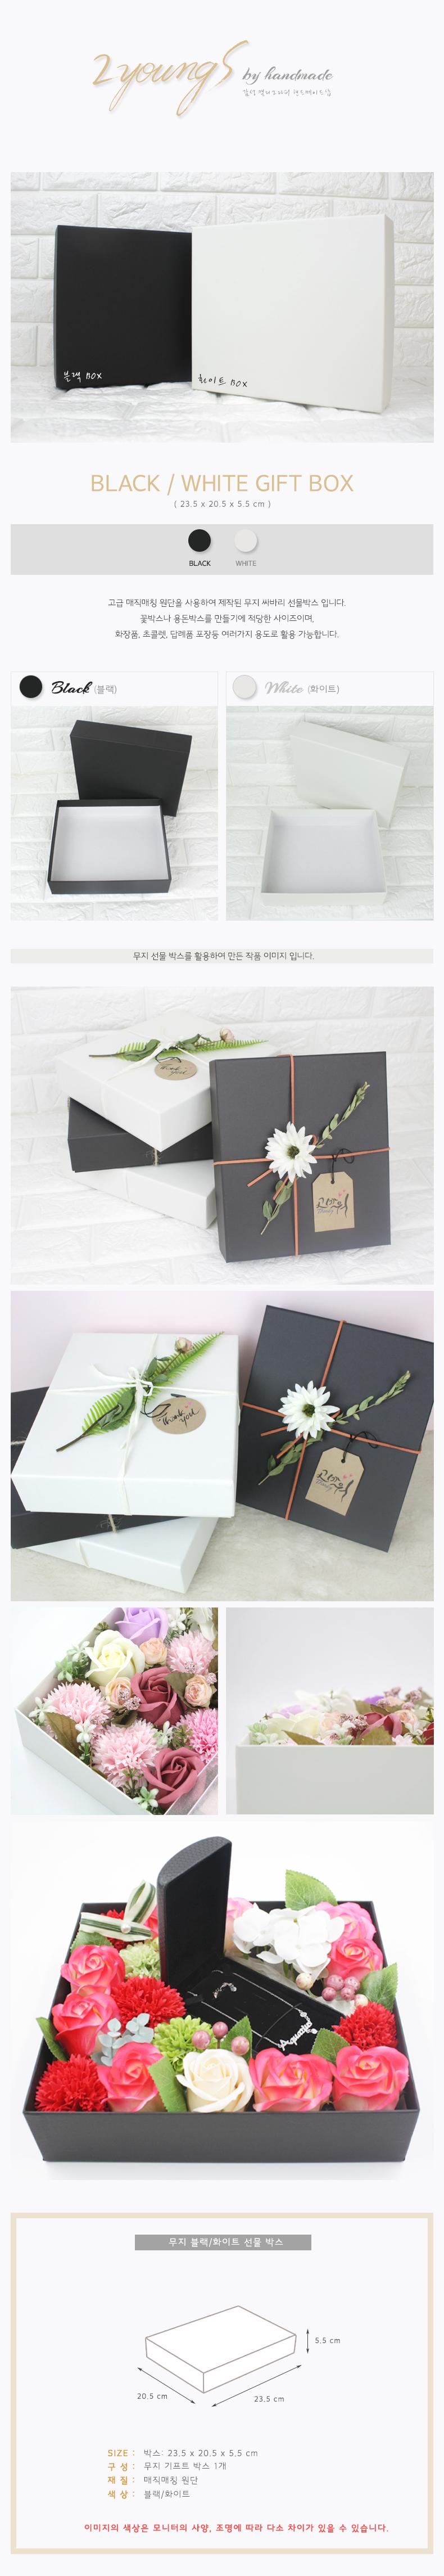 무지 선물포장 싸바리 박스 블랙-화이트 - 이잼, 7,900원, 상자/케이스, 심플